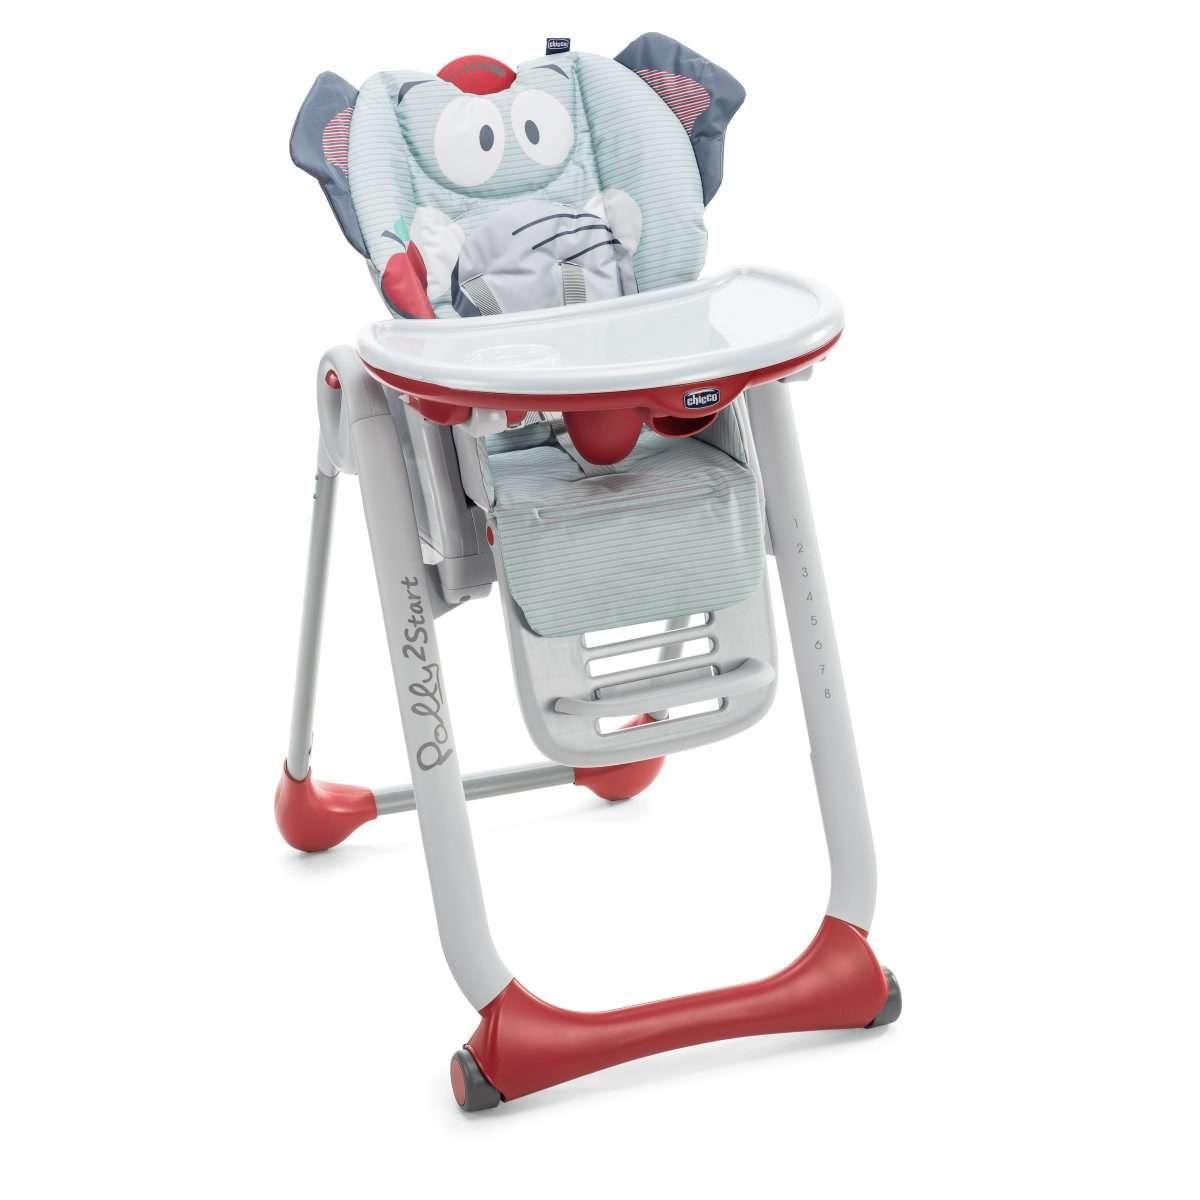 Cadeira de Alimentação Polly 2 Start Elephant - Chicco